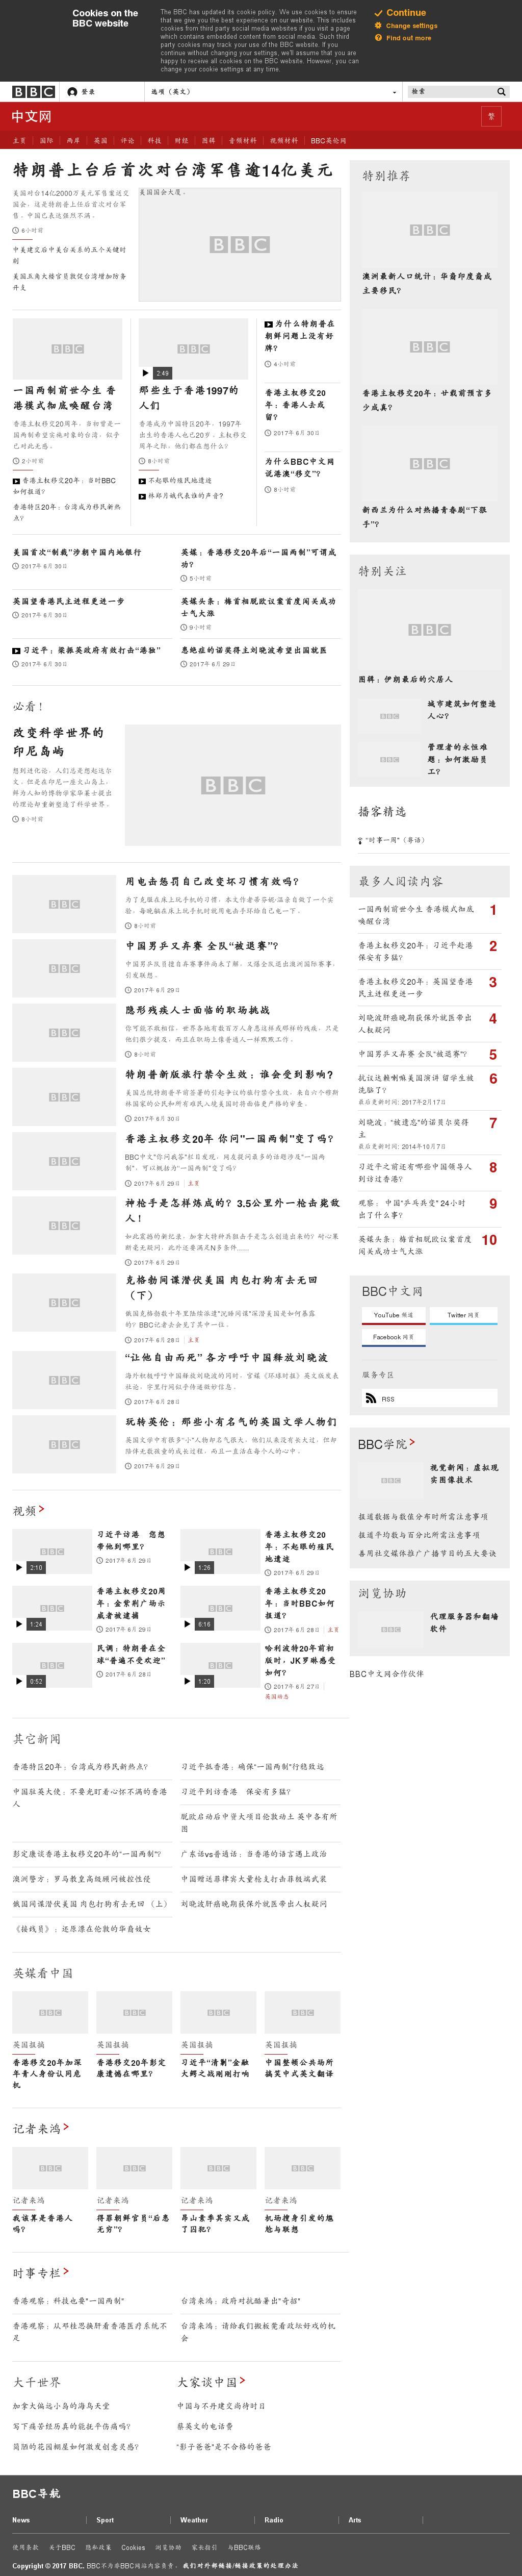 BBC (Chinese) at Friday June 30, 2017, 7:01 p.m. UTC